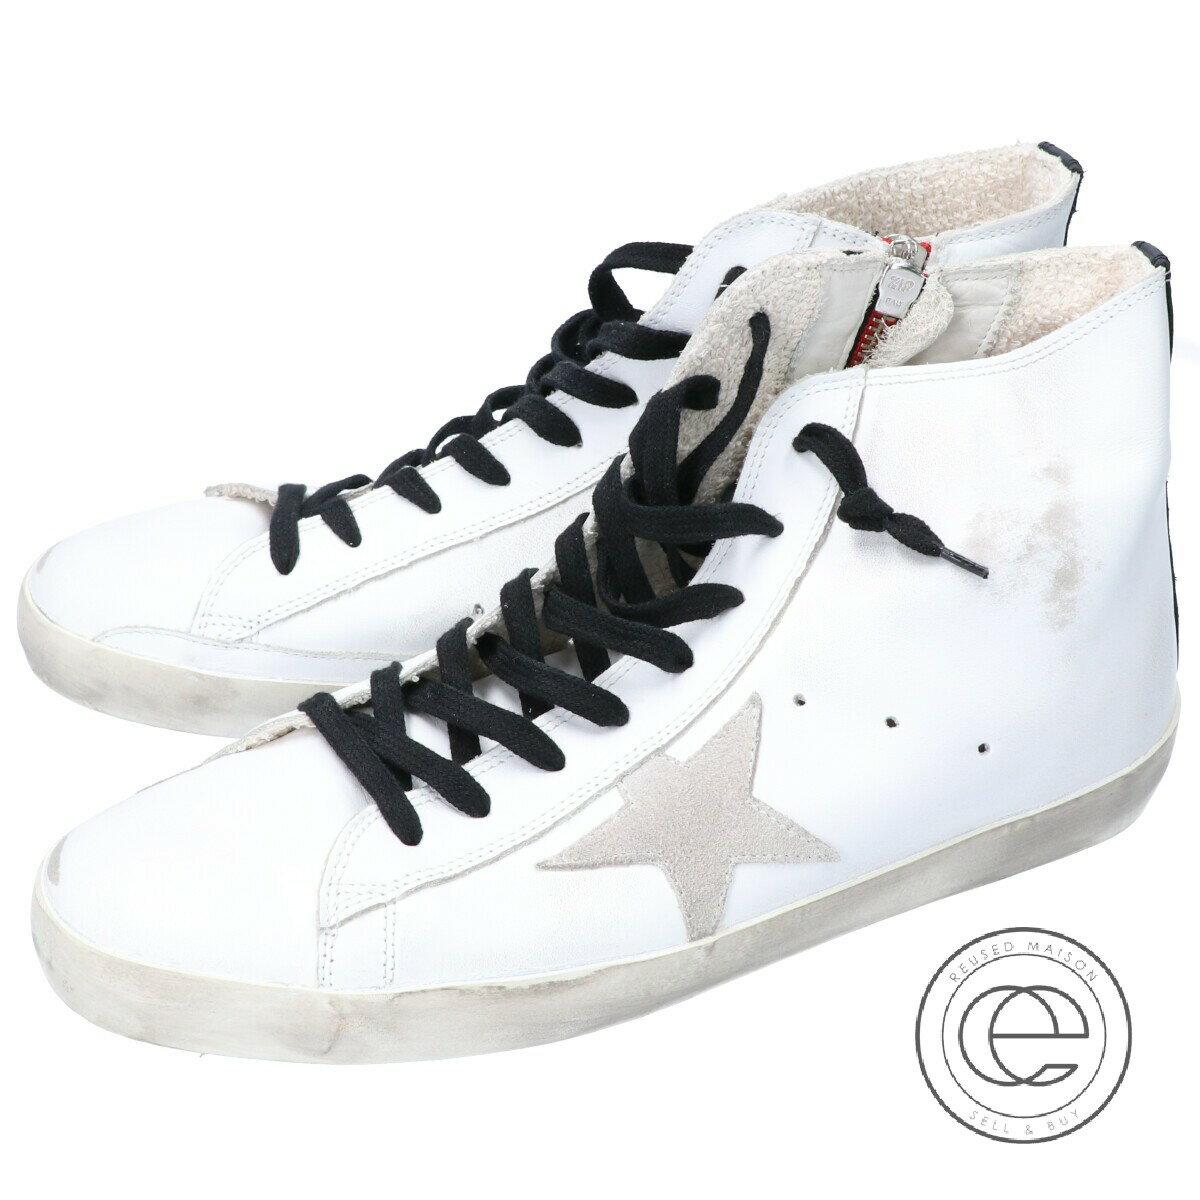 メンズ靴, スニーカー GOLDEN GOOSE FRANCY USED 43